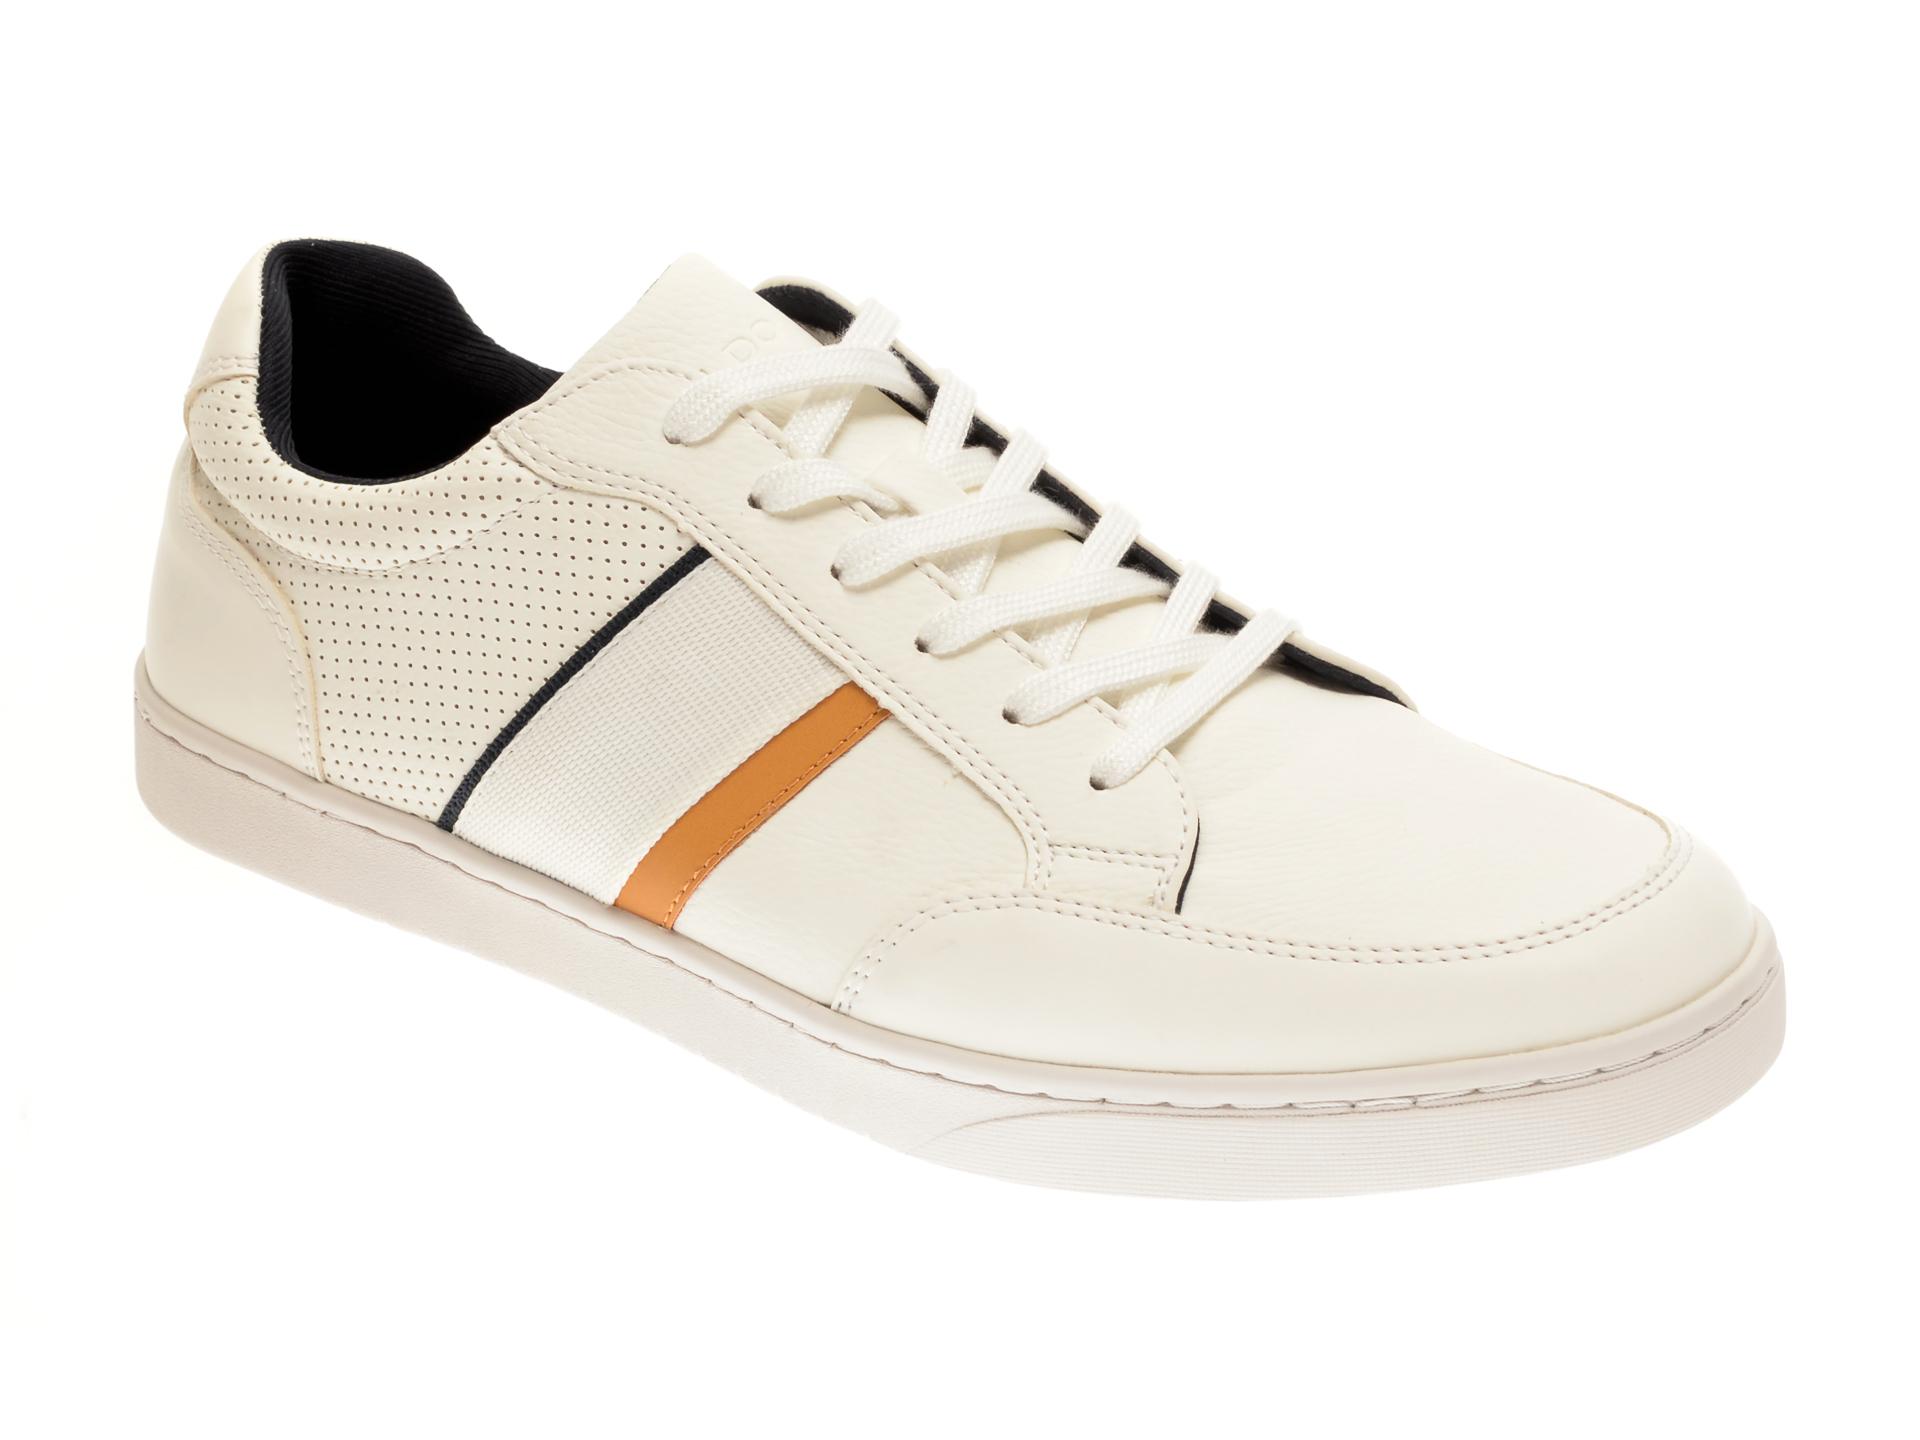 Pantofi ALDO albi, Assimilis100, din piele ecologica imagine